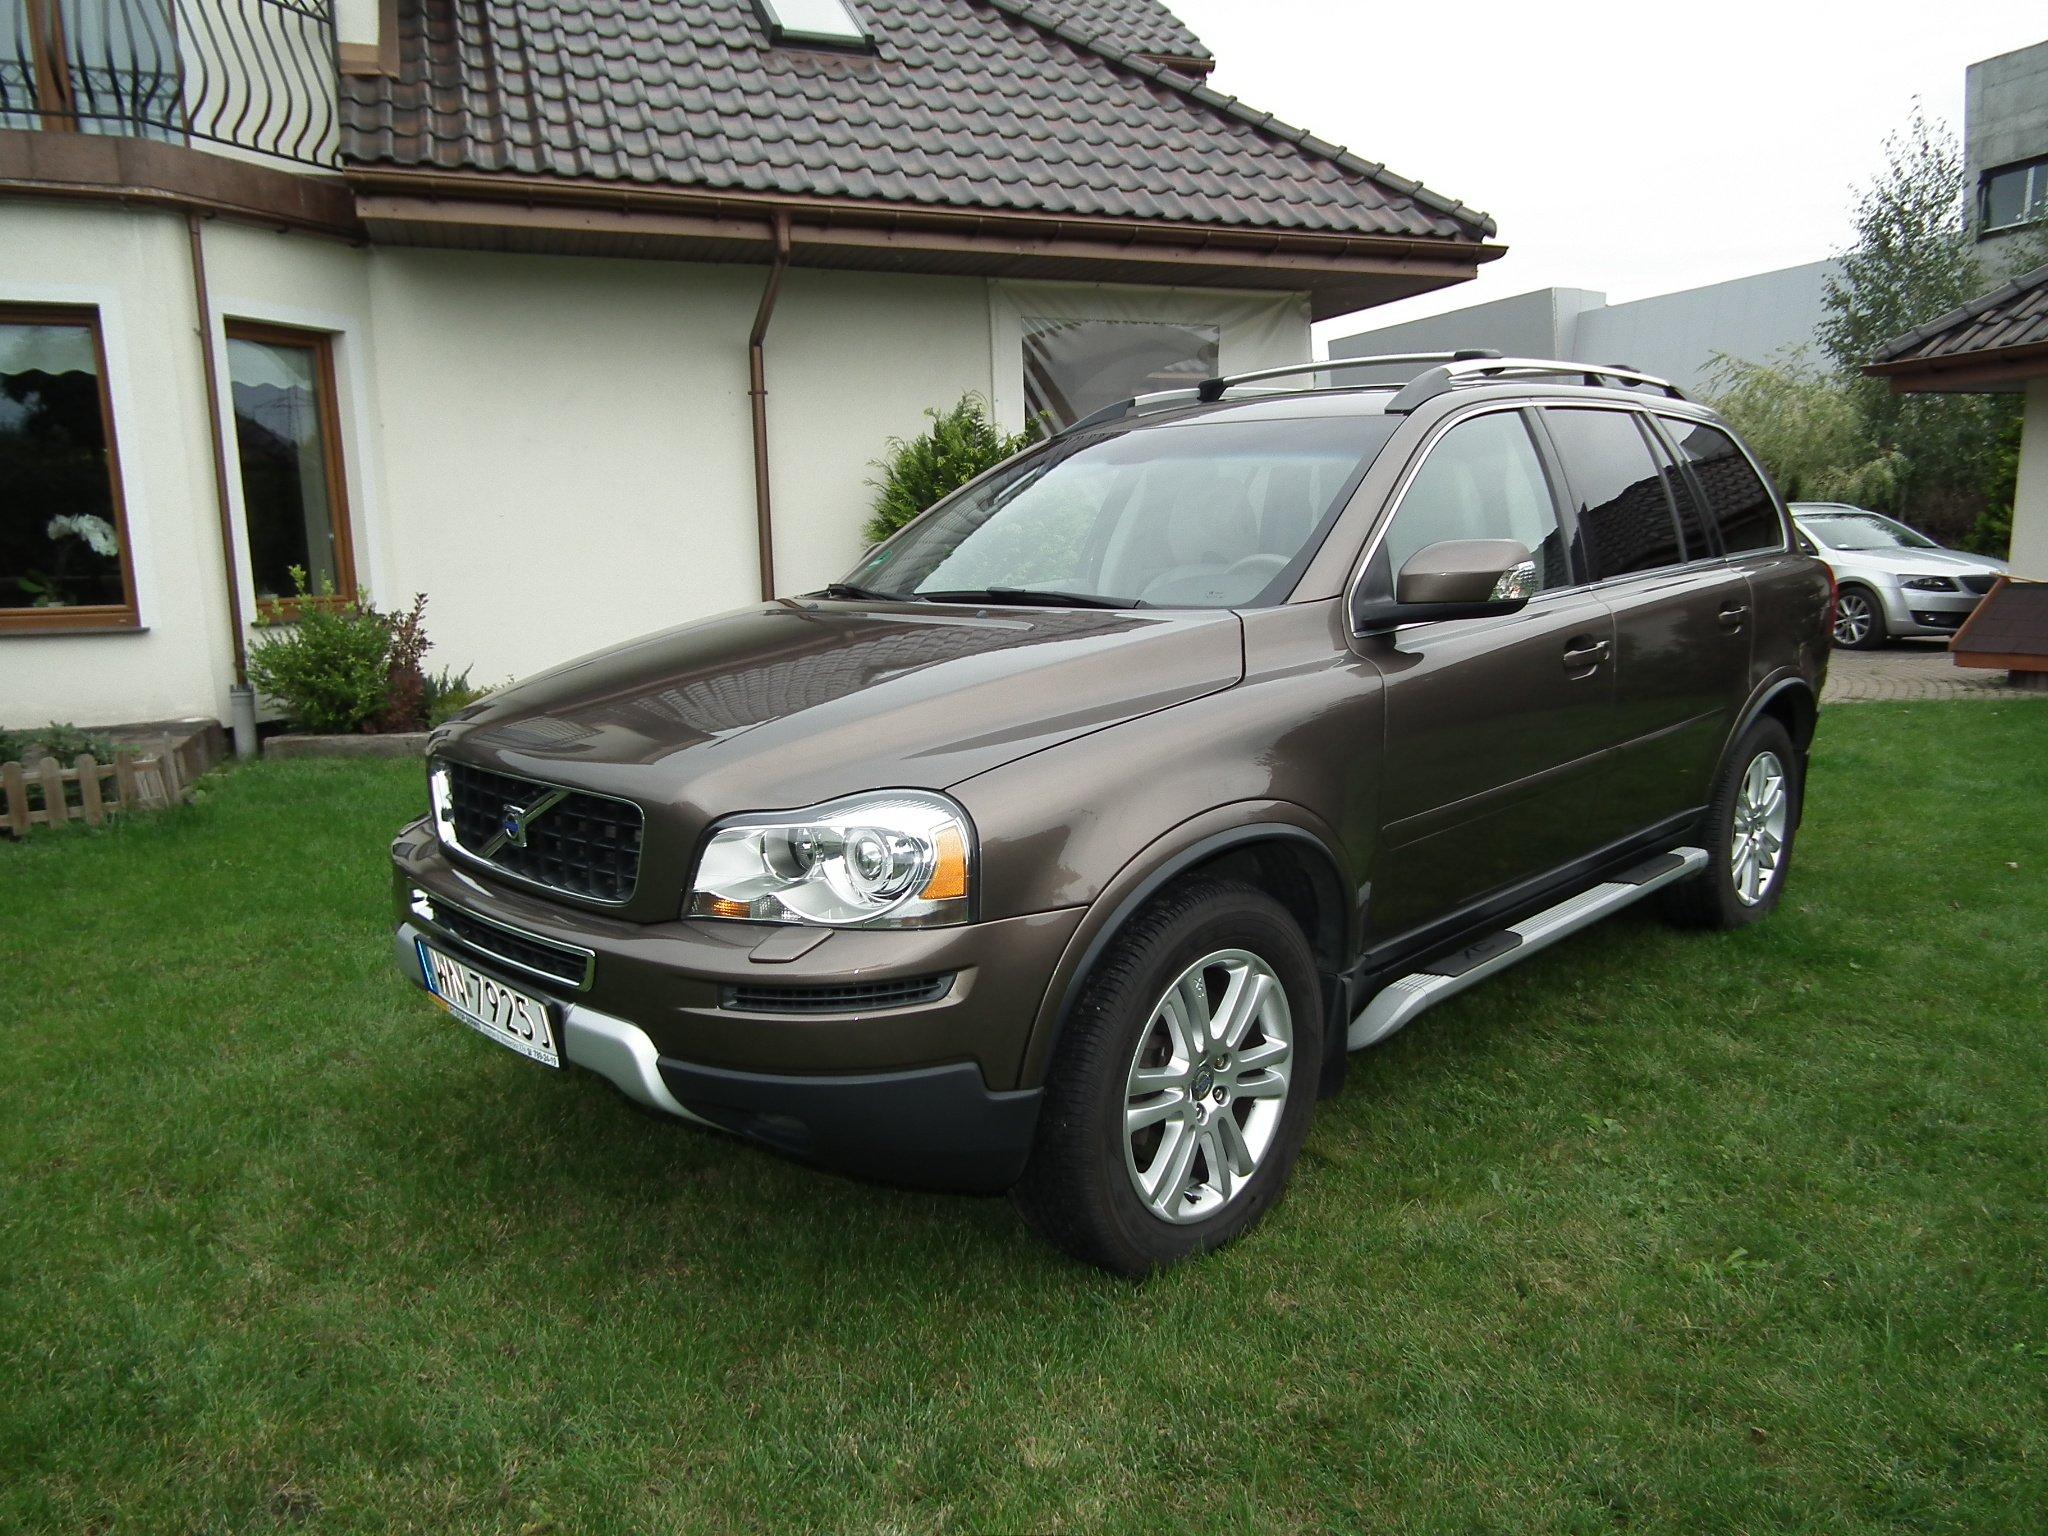 Volvo Xc X Cross